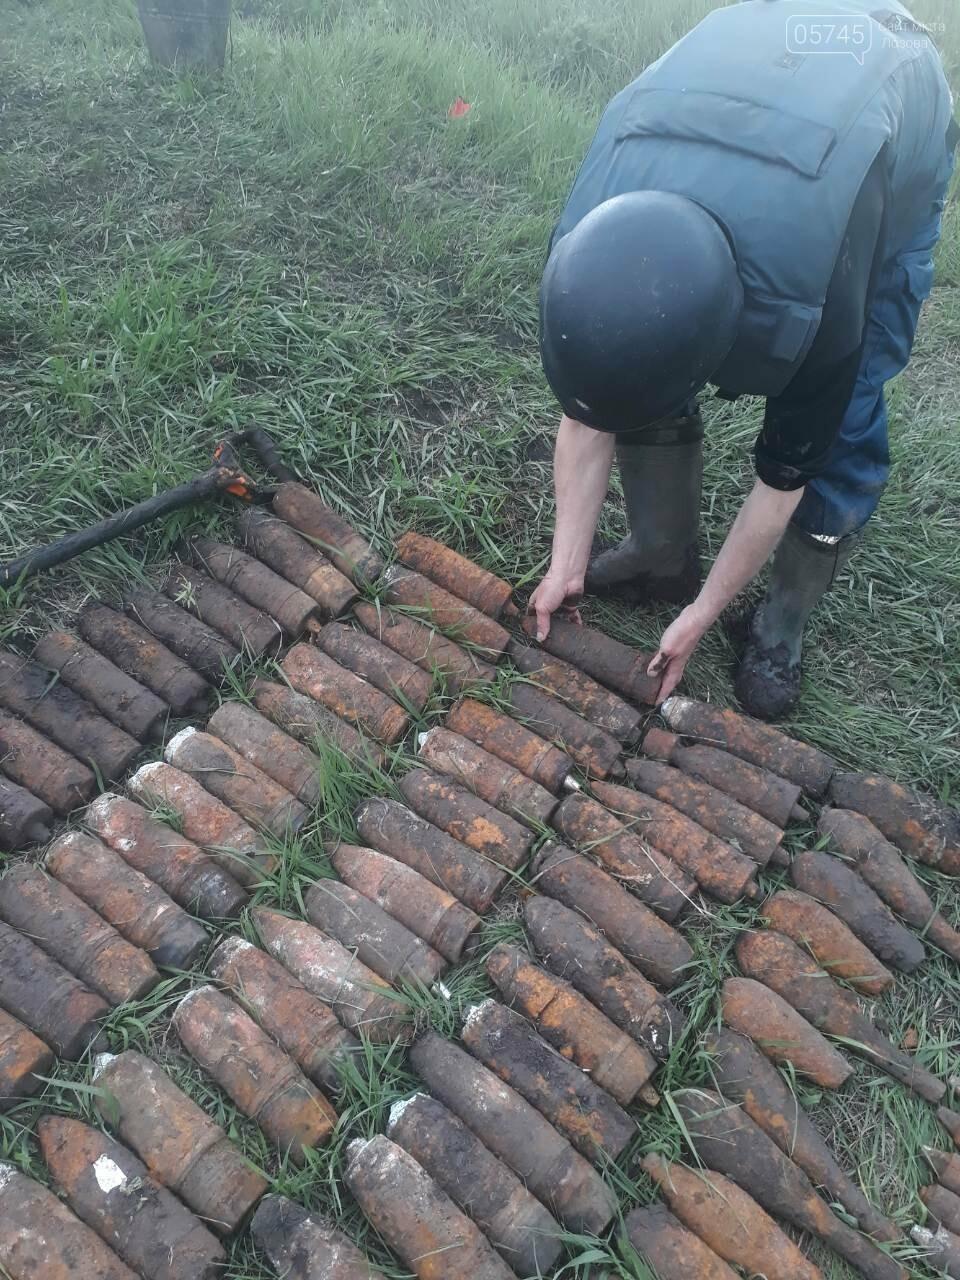 В Лозовском районе обнаружили боеприпасы времен Второй мировой войны, фото-1